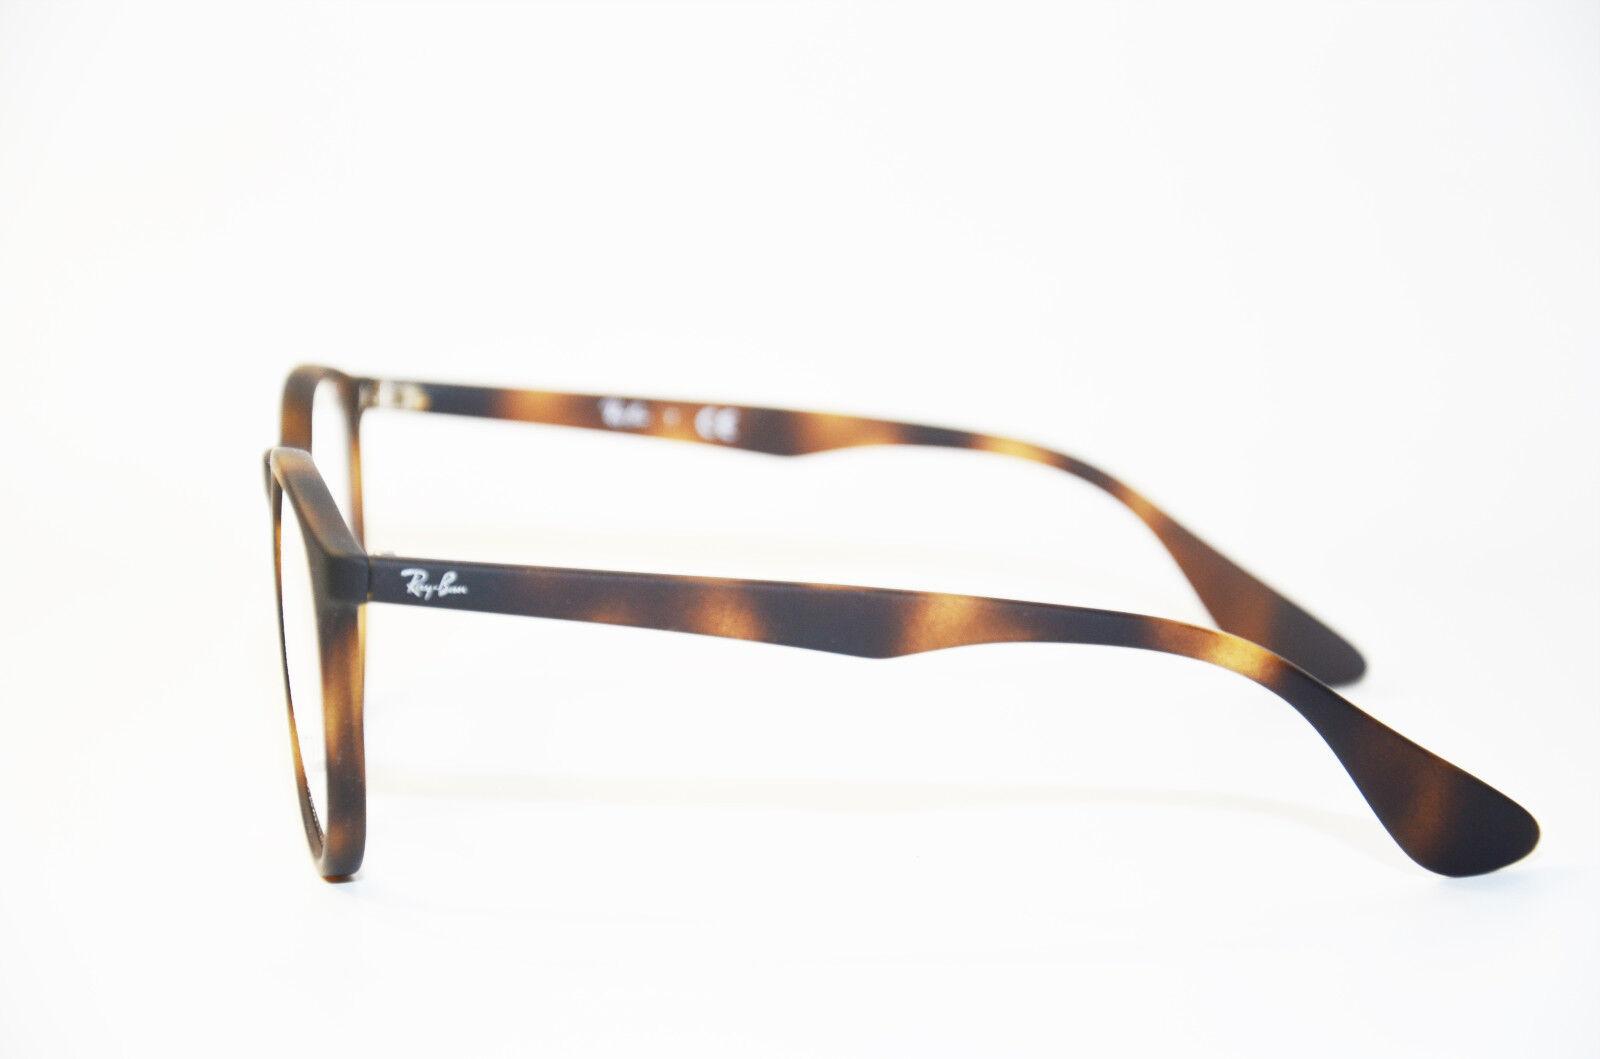 Ray Ban Lesebrille Lesehilfe 7046 5365 Brille Kunststoff 1,0 bis 5,0 Neu